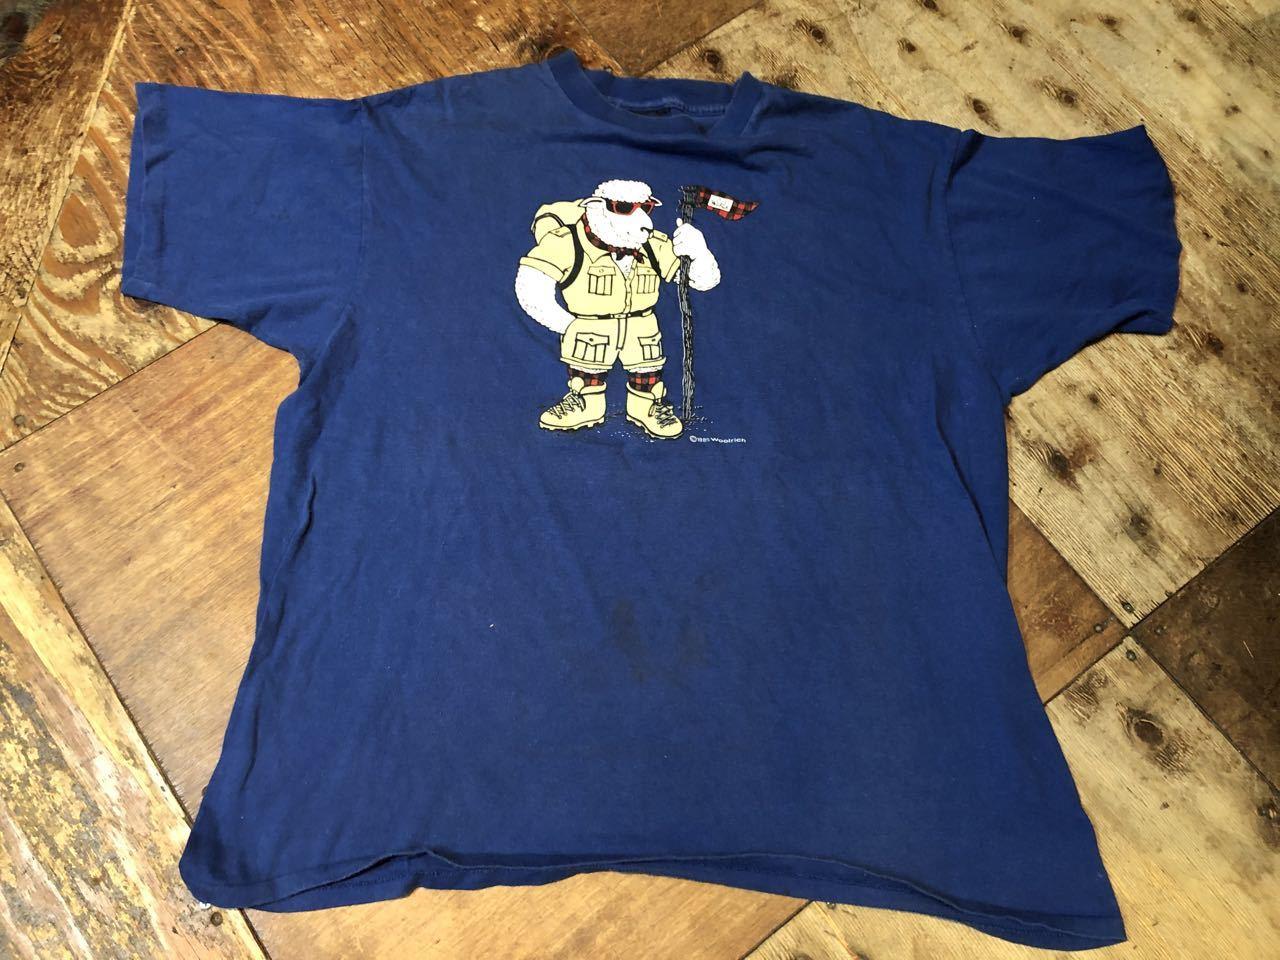 7月24日(金)入荷!80s RARE WOOL RICH Tシャツ!MADE IN U.S.A all cotton 2枚_c0144020_17072203.jpg